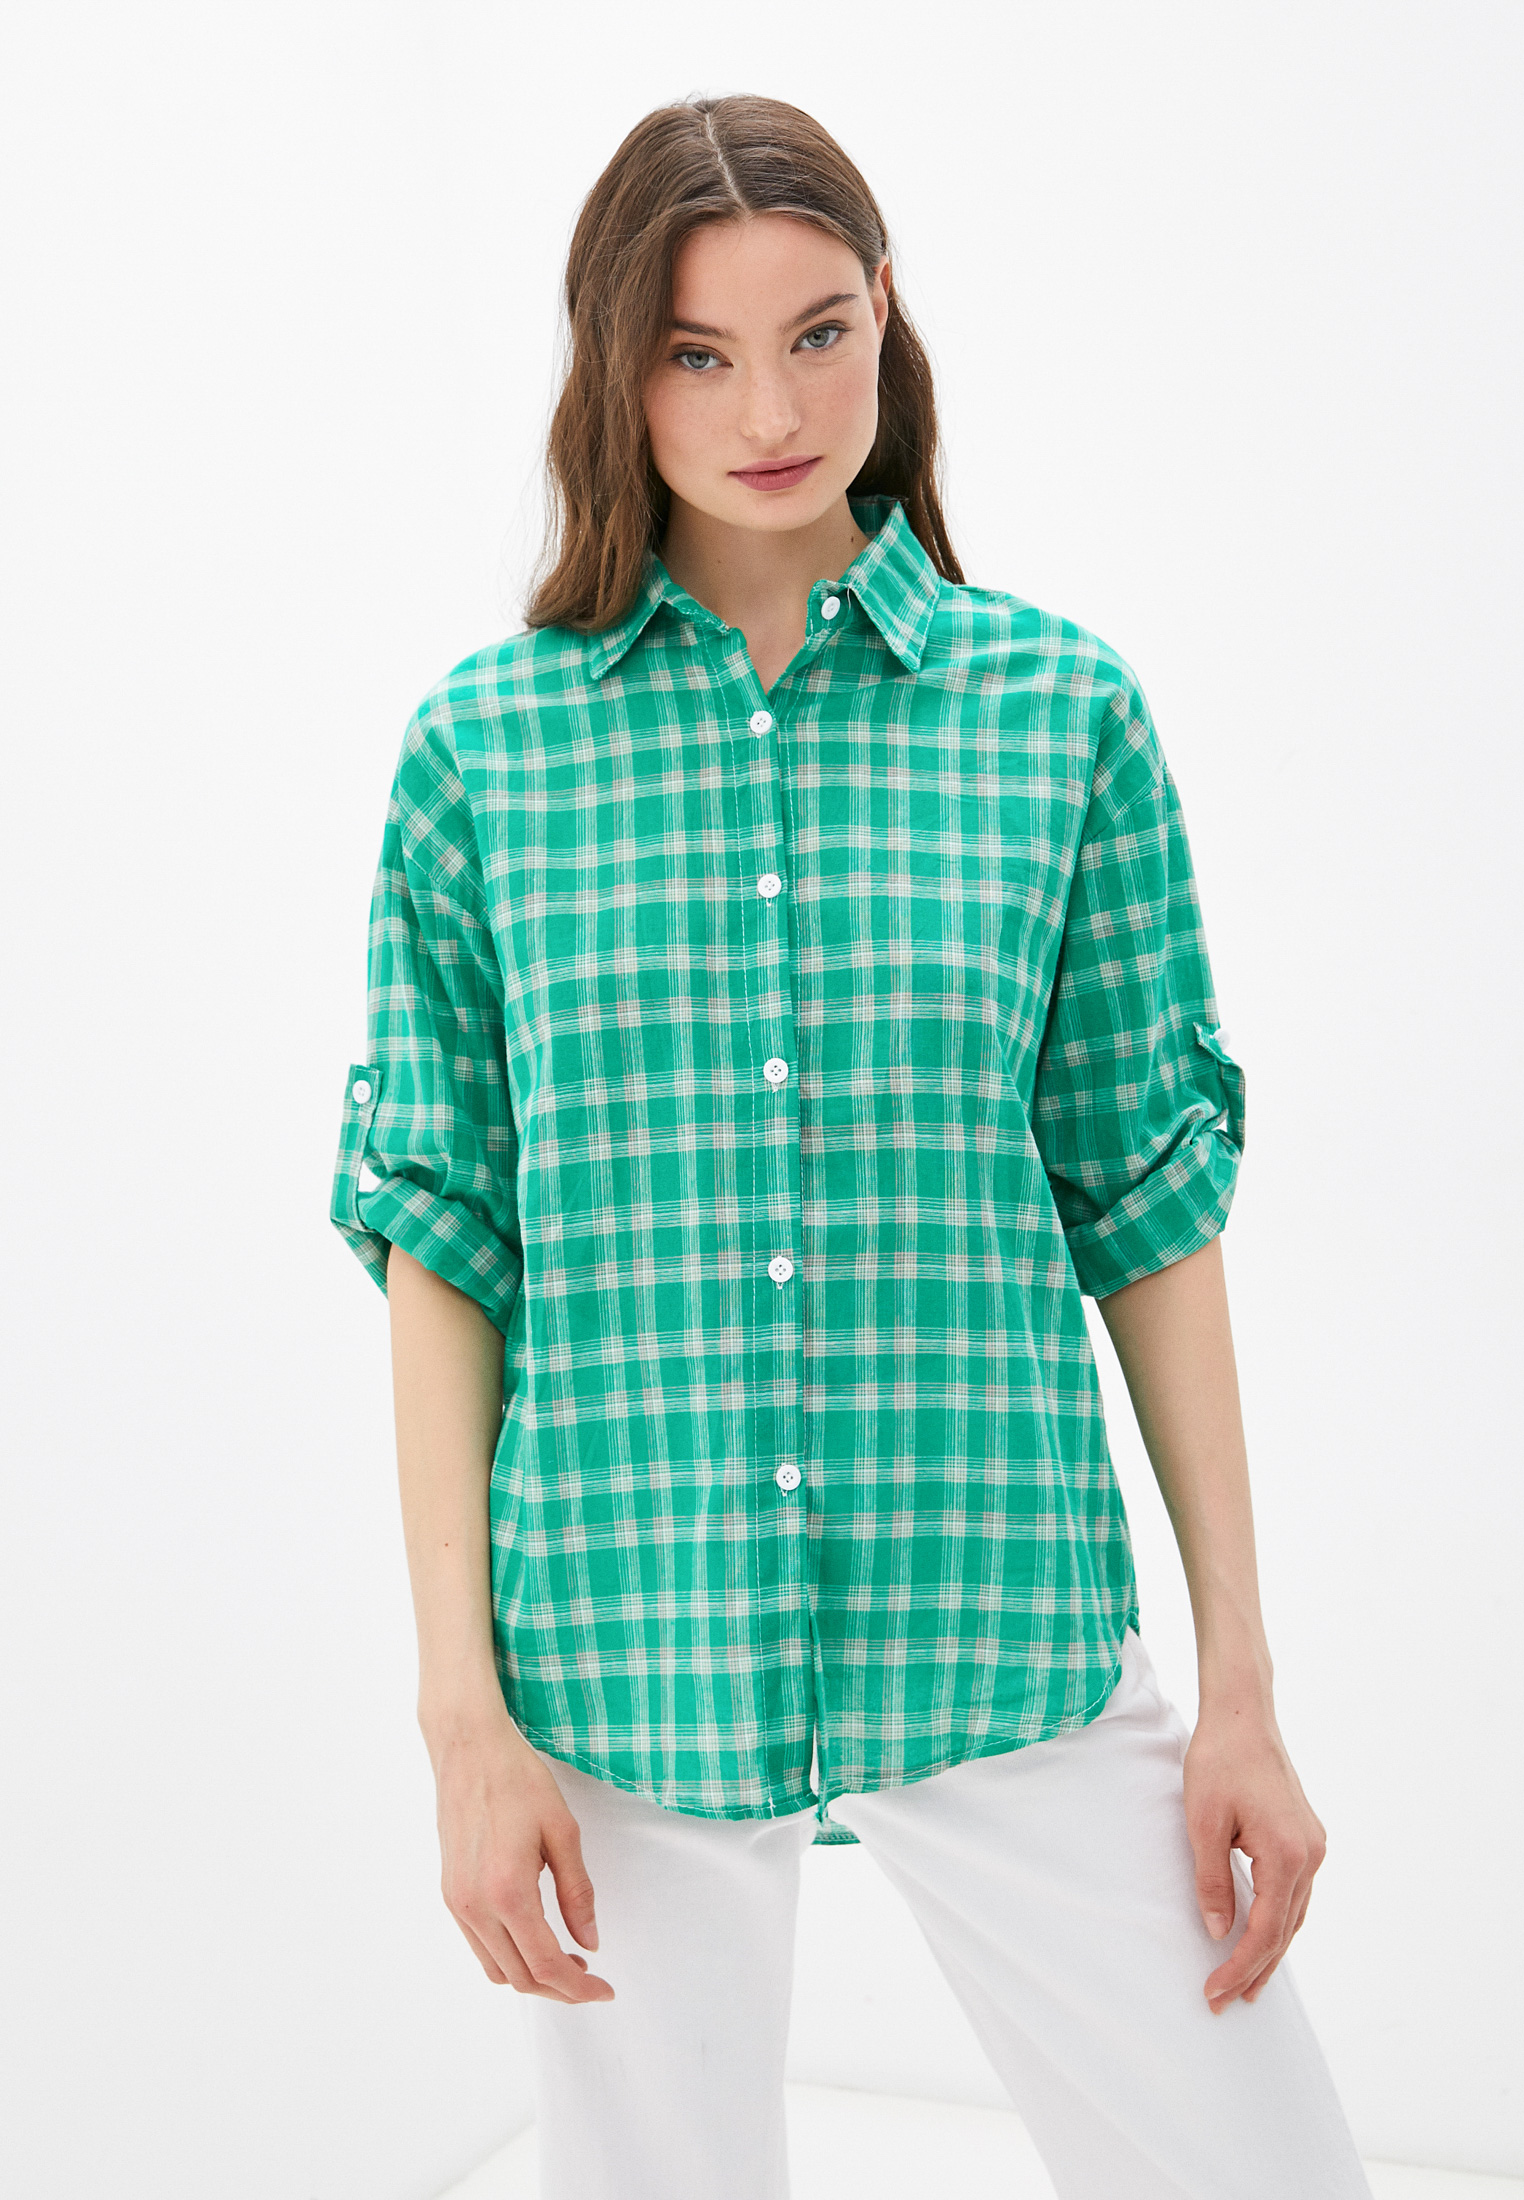 Женские рубашки с длинным рукавом Fadas Рубашка Fadas